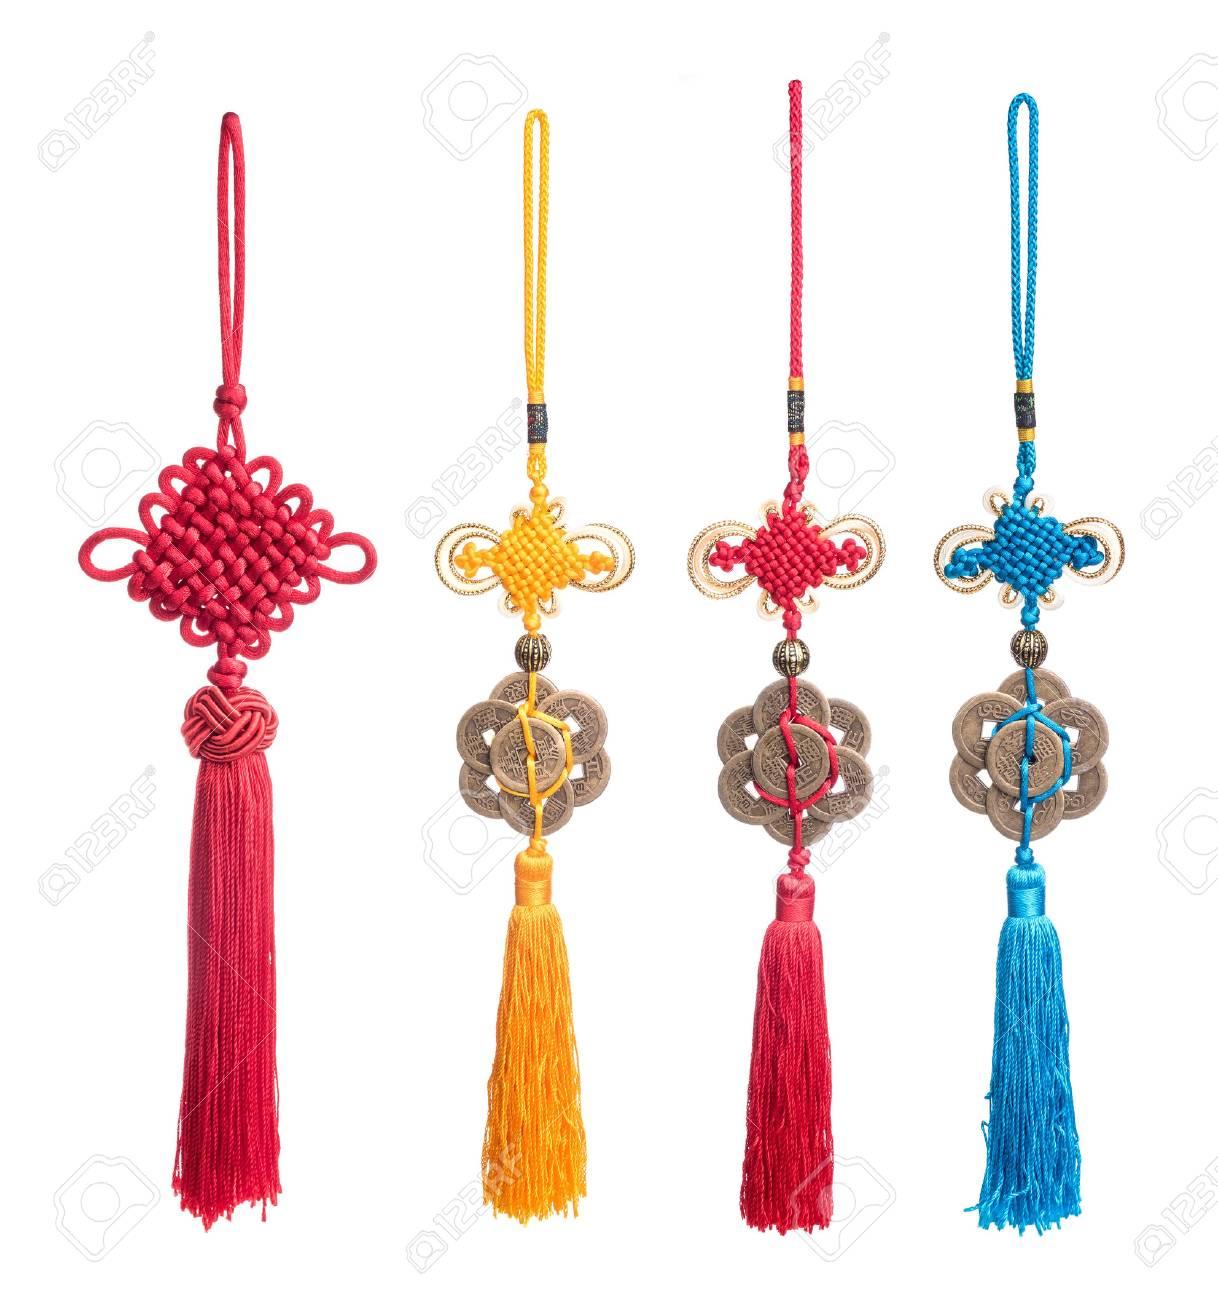 Traditionelle Chinesische Knoten Sammlung Auf Weißem Hintergrund ...